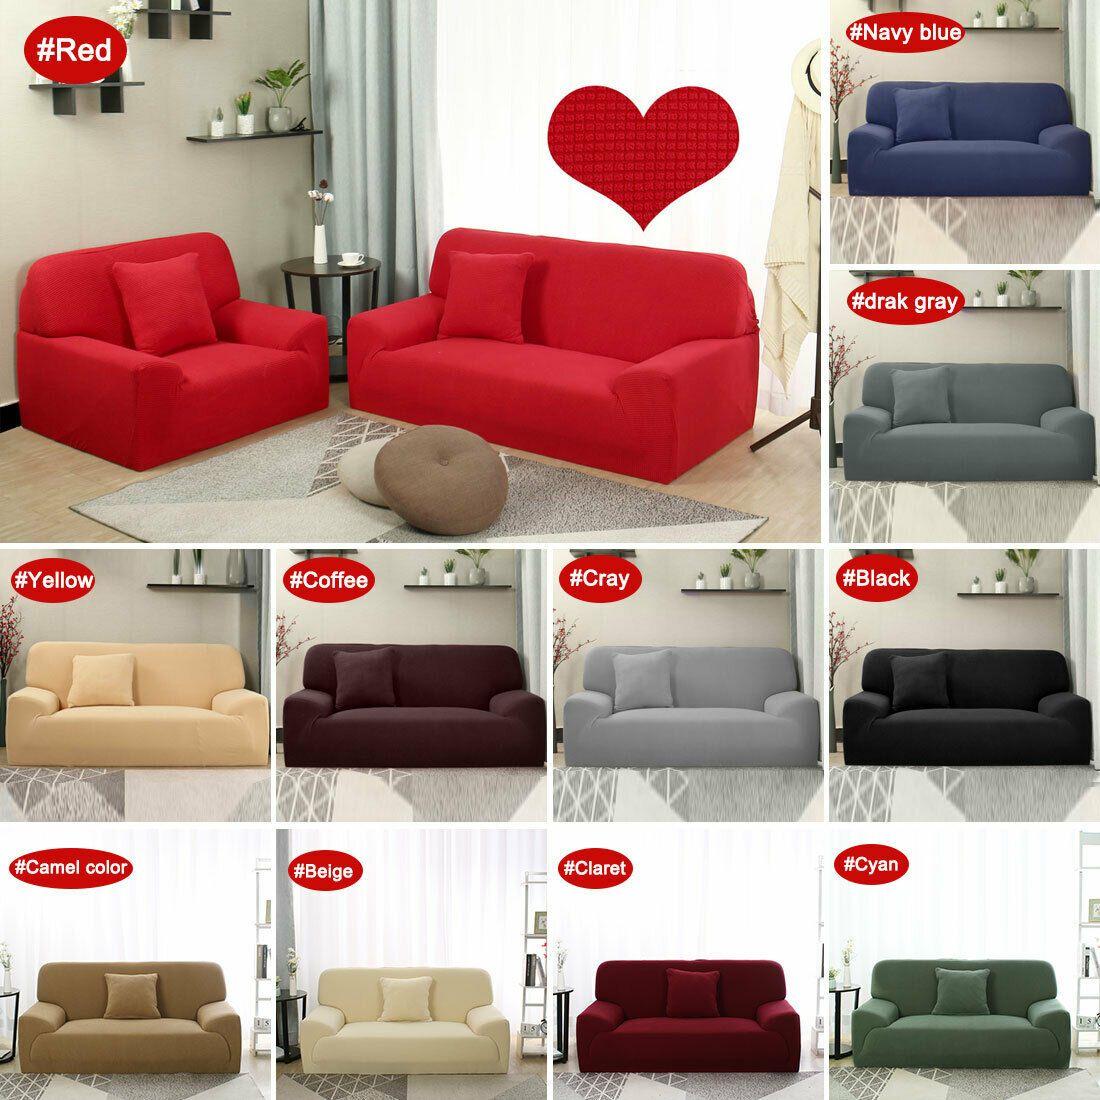 1 2 3 4 Seater Jacquard Sofa Covers Lounge Couch Sofa Slipcover Protector Sofa Slipcover I Fabric Sofa Cover Chair Covers Slipcover Couch Covers Slipcovers